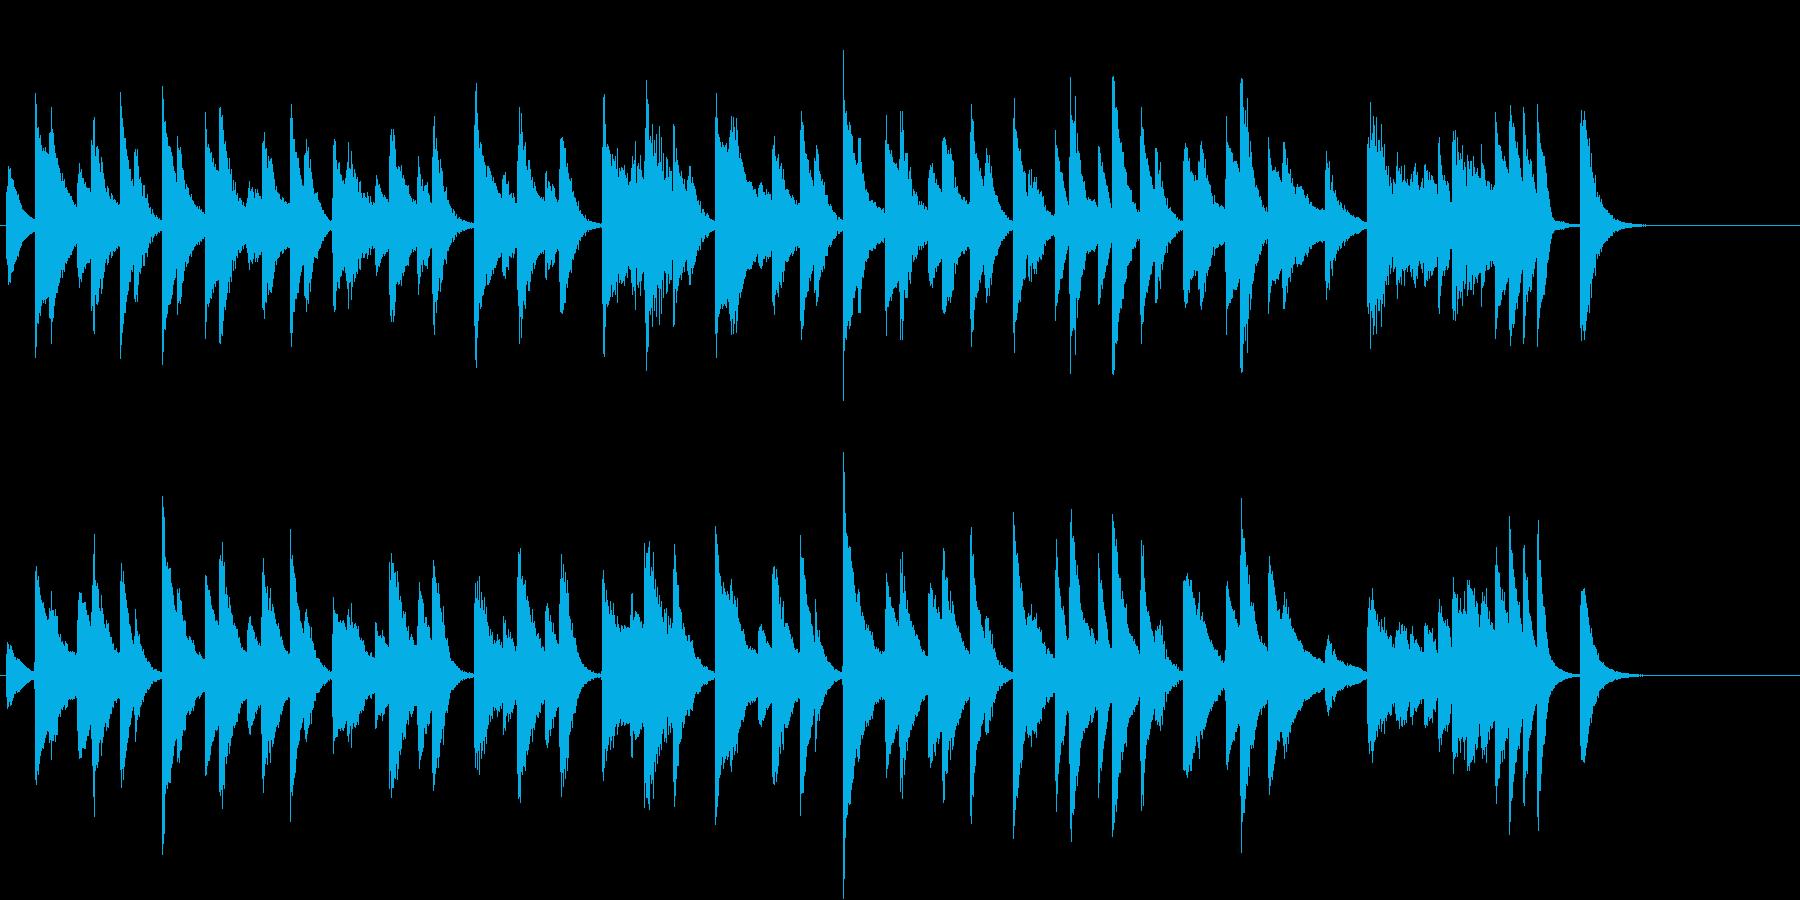 猫動画に♪ほっこりのんびりピアノジングルの再生済みの波形